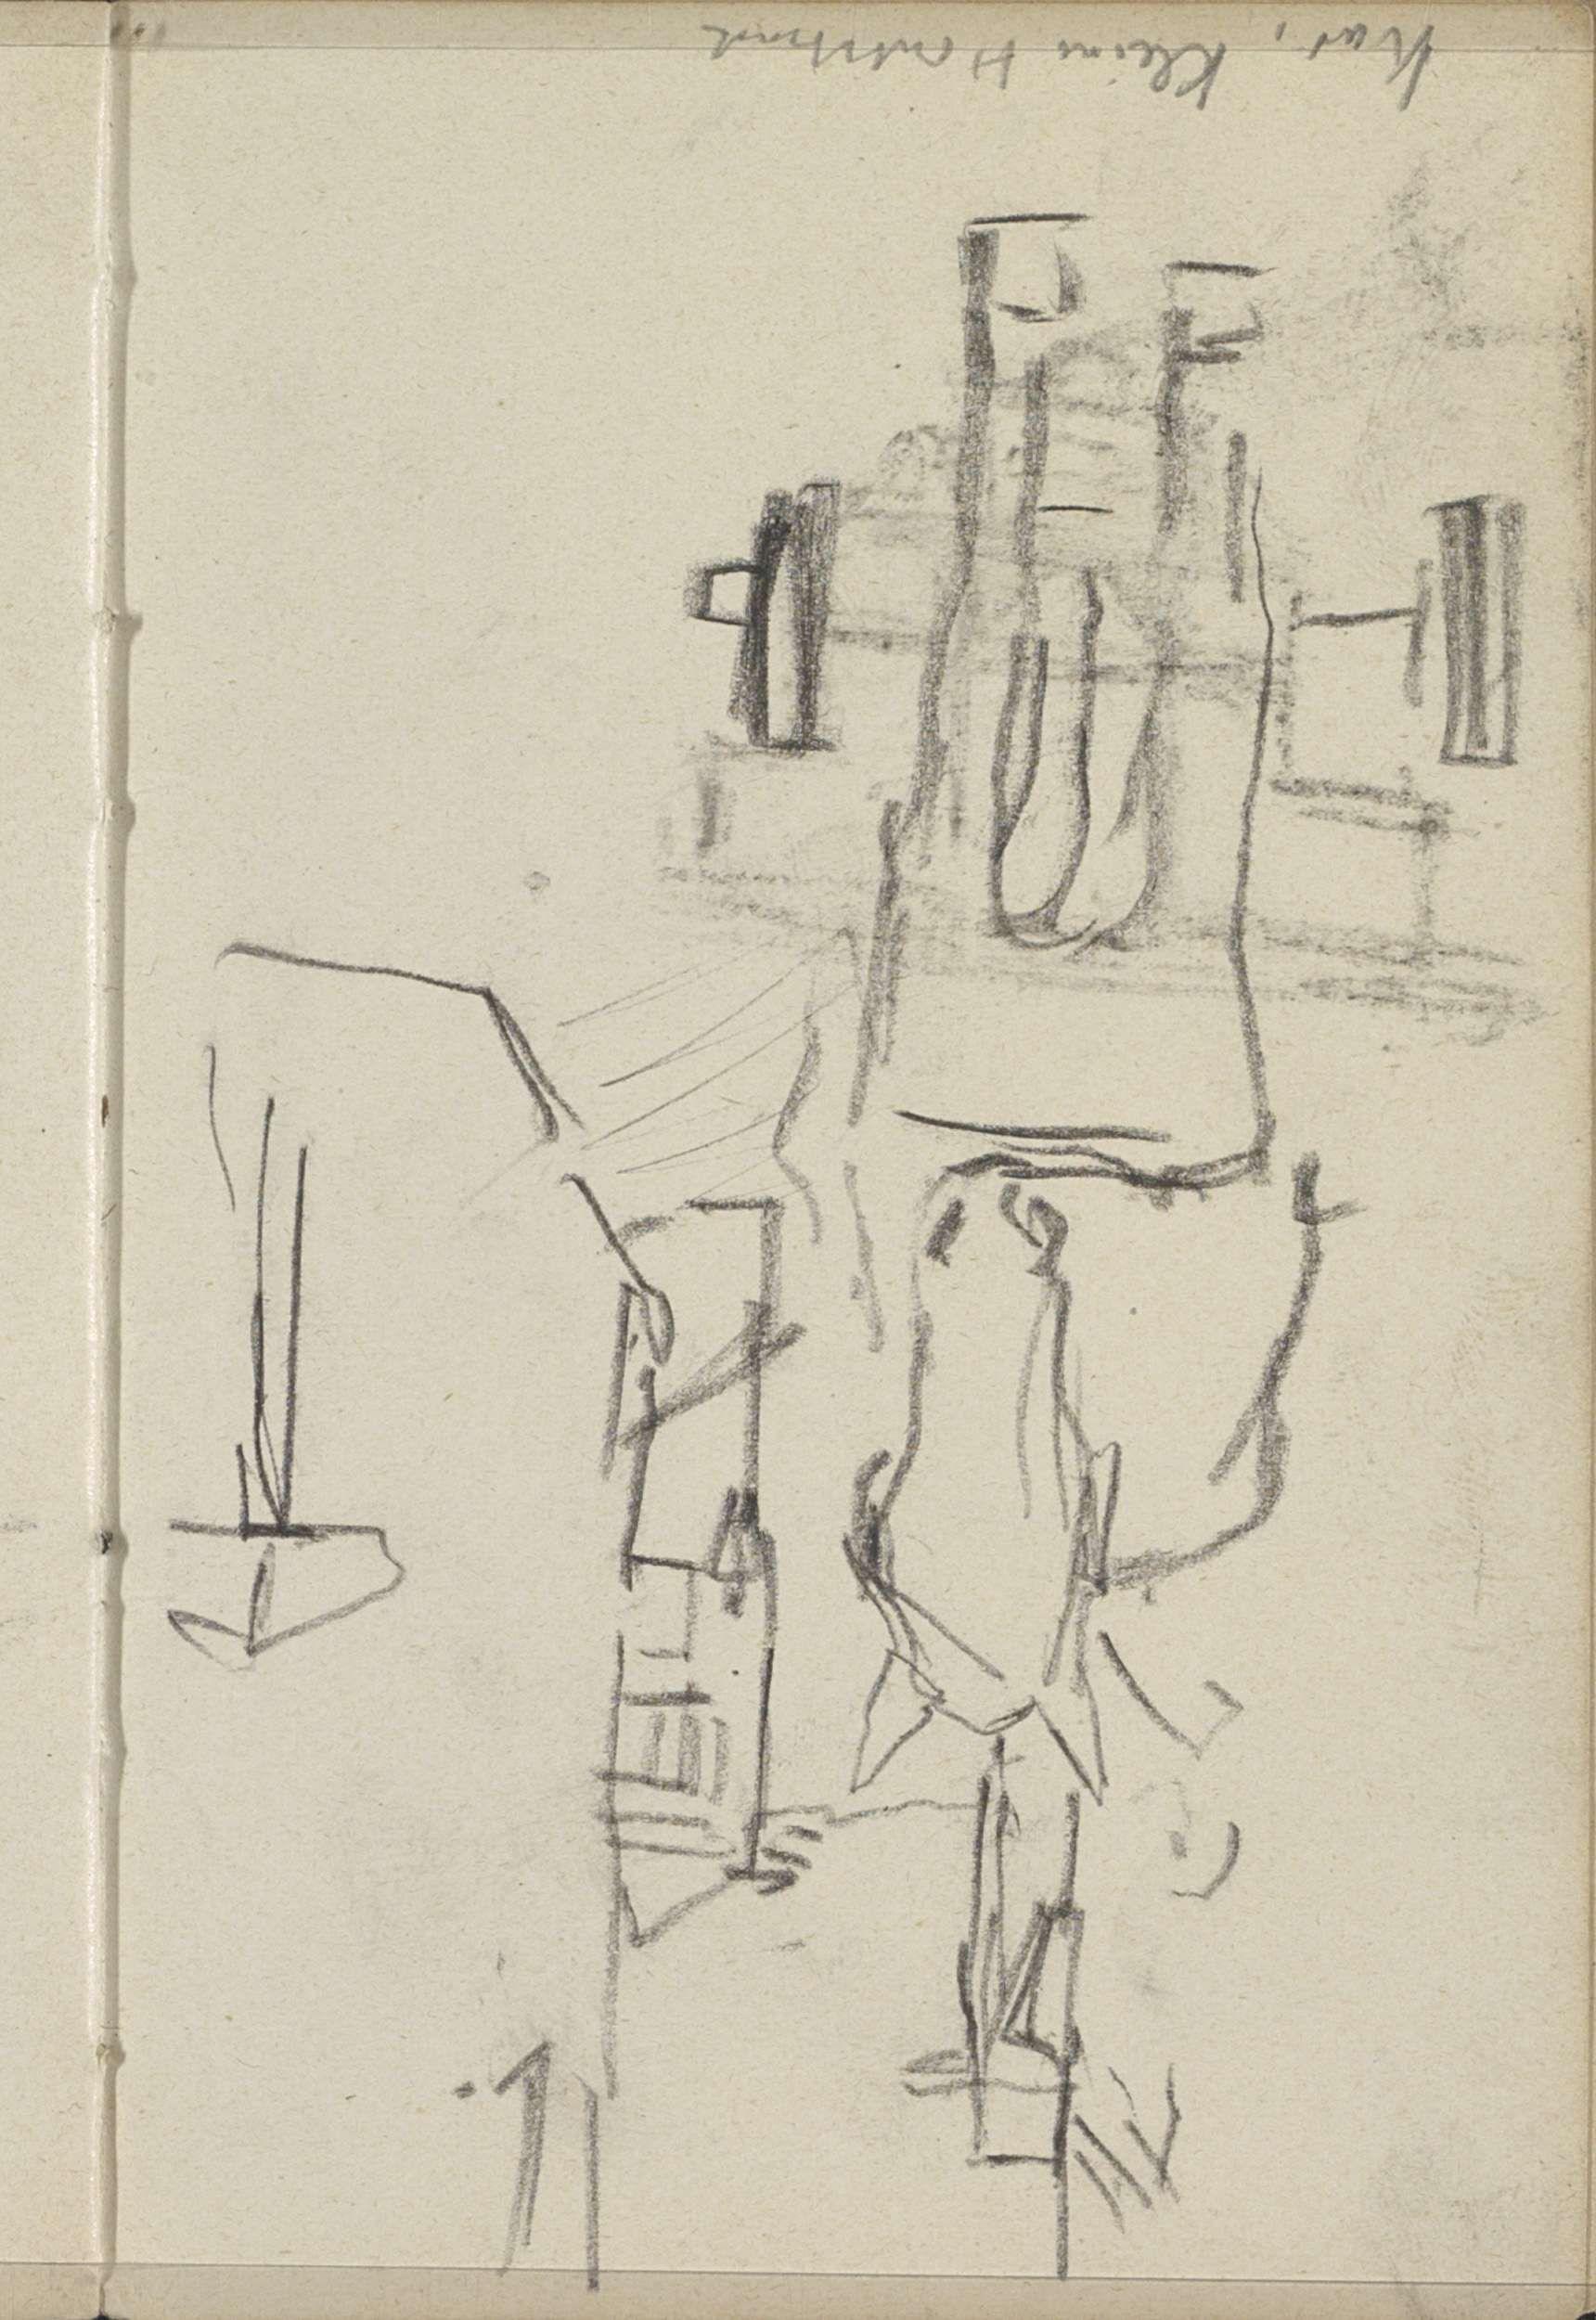 George Hendrik Breitner | Paardenkar in de Kleine Houtstraat te Amsterdam, George Hendrik Breitner, c. 1902 | Pagina 20 uit een schetsboek met 46 bladen vervaardigd in de omgeving van Amsterdam, Rotterdam en Haarlem.